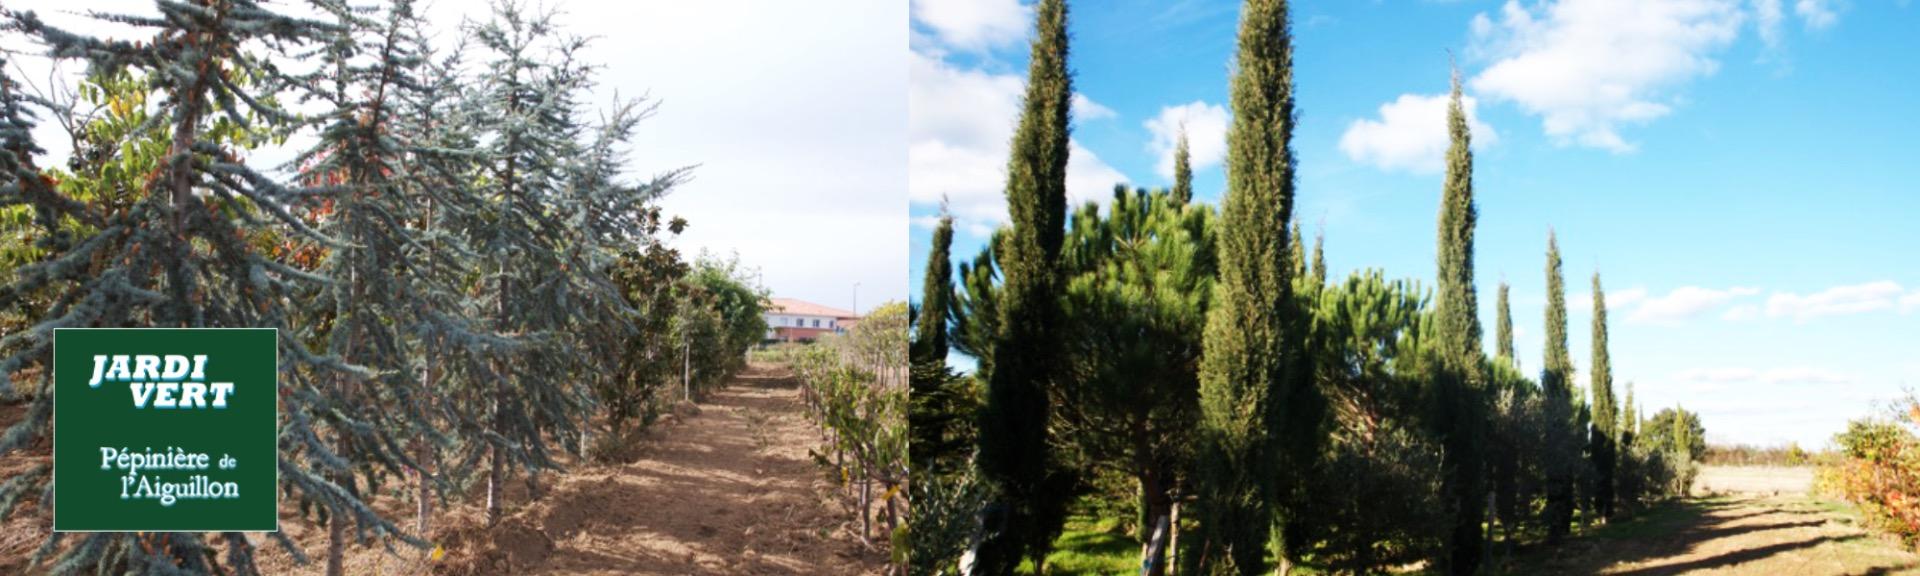 Vente de grands coniferes d'exception - Pépinière de l'Aiguillon producteur Toulouse